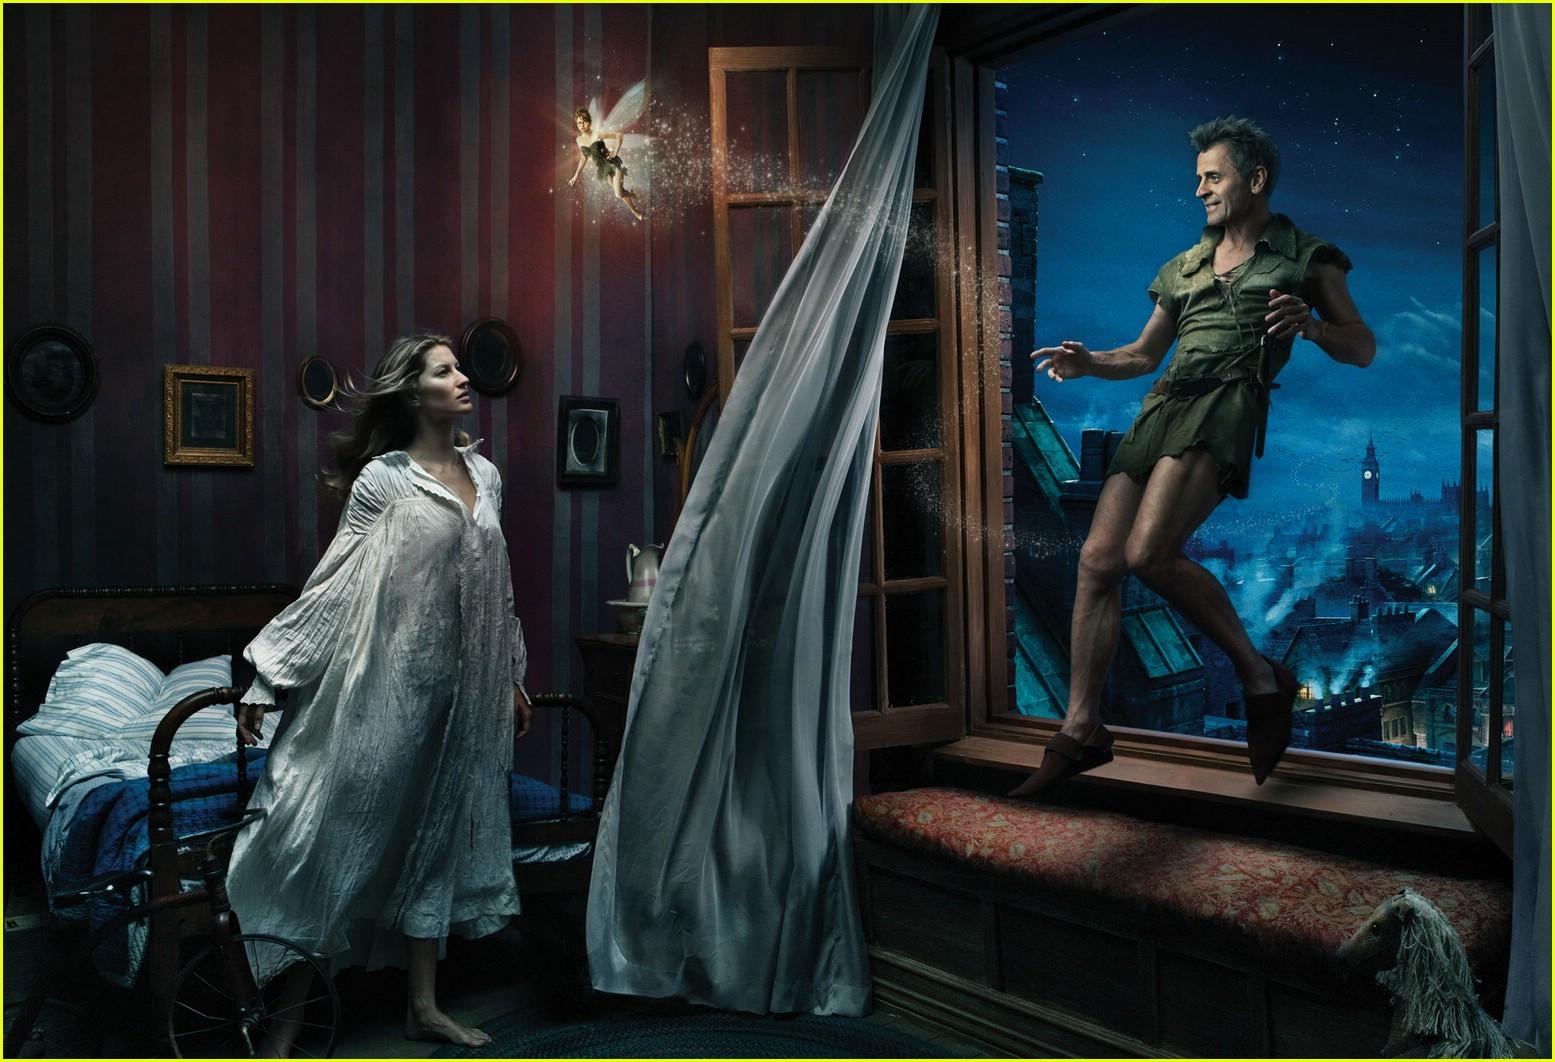 http://2.bp.blogspot.com/-GphinQu0UlQ/T2-4dfveqCI/AAAAAAAAAhc/Kkv_tC-n1UQ/s1600/disney-dream-ads-annie-leibovitz-081.jpg